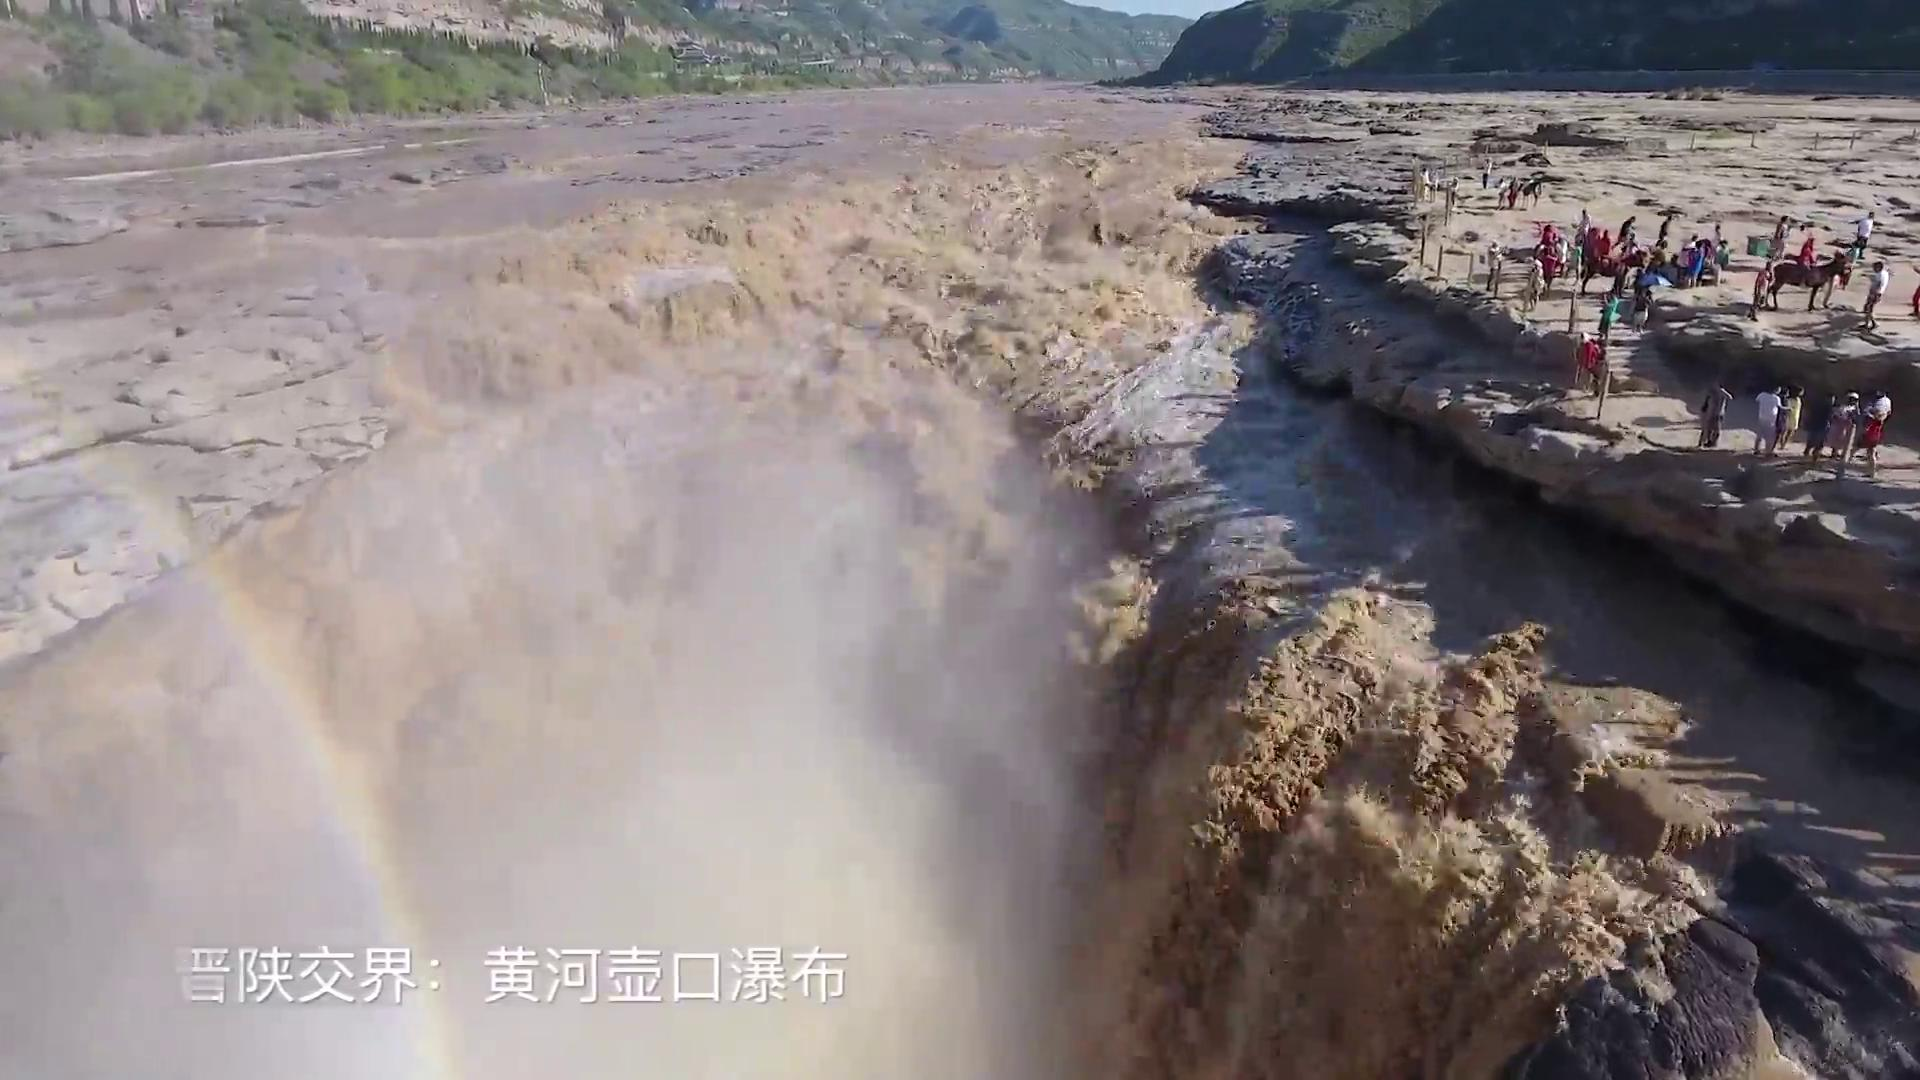 《生态中国·十期十美》山西篇·绿满三晋藏锦绣